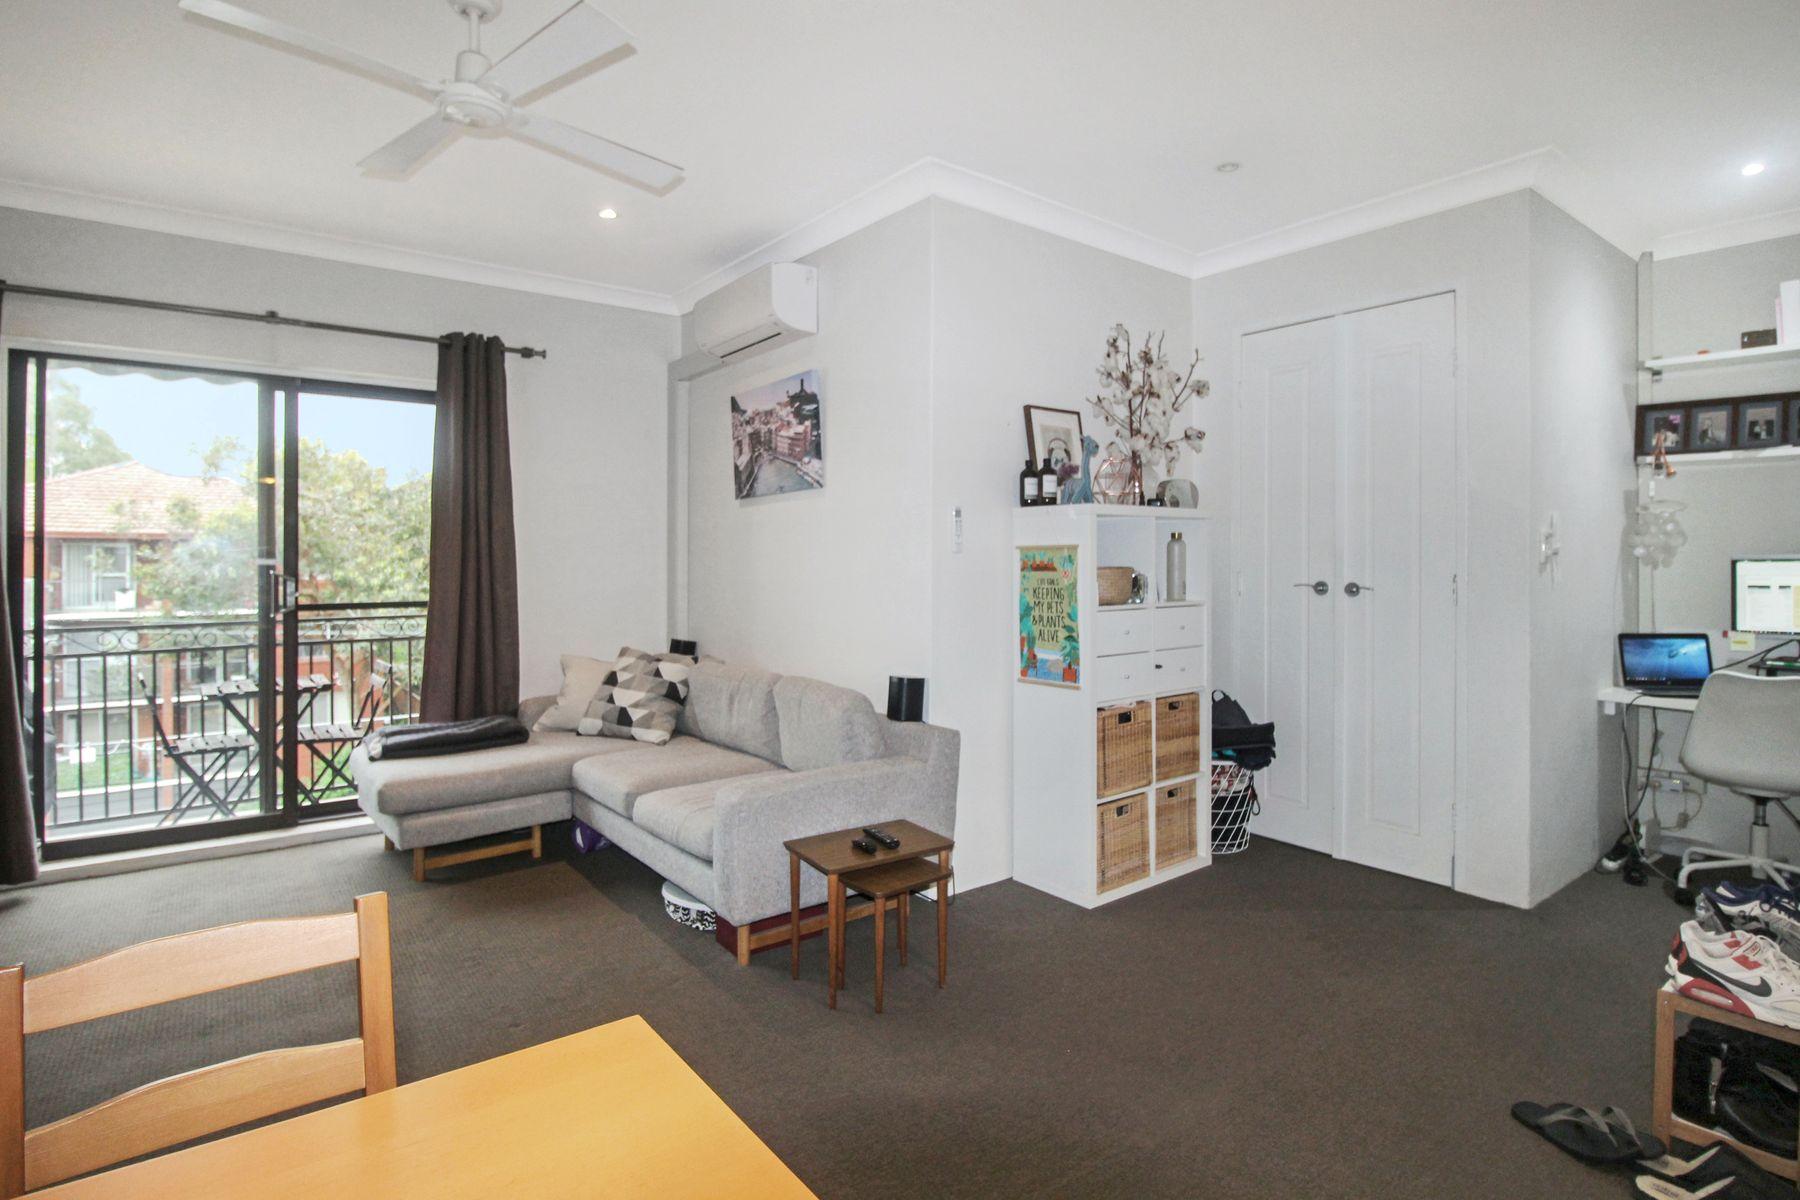 14/22 Linsley Street, Gladesville, NSW 2111